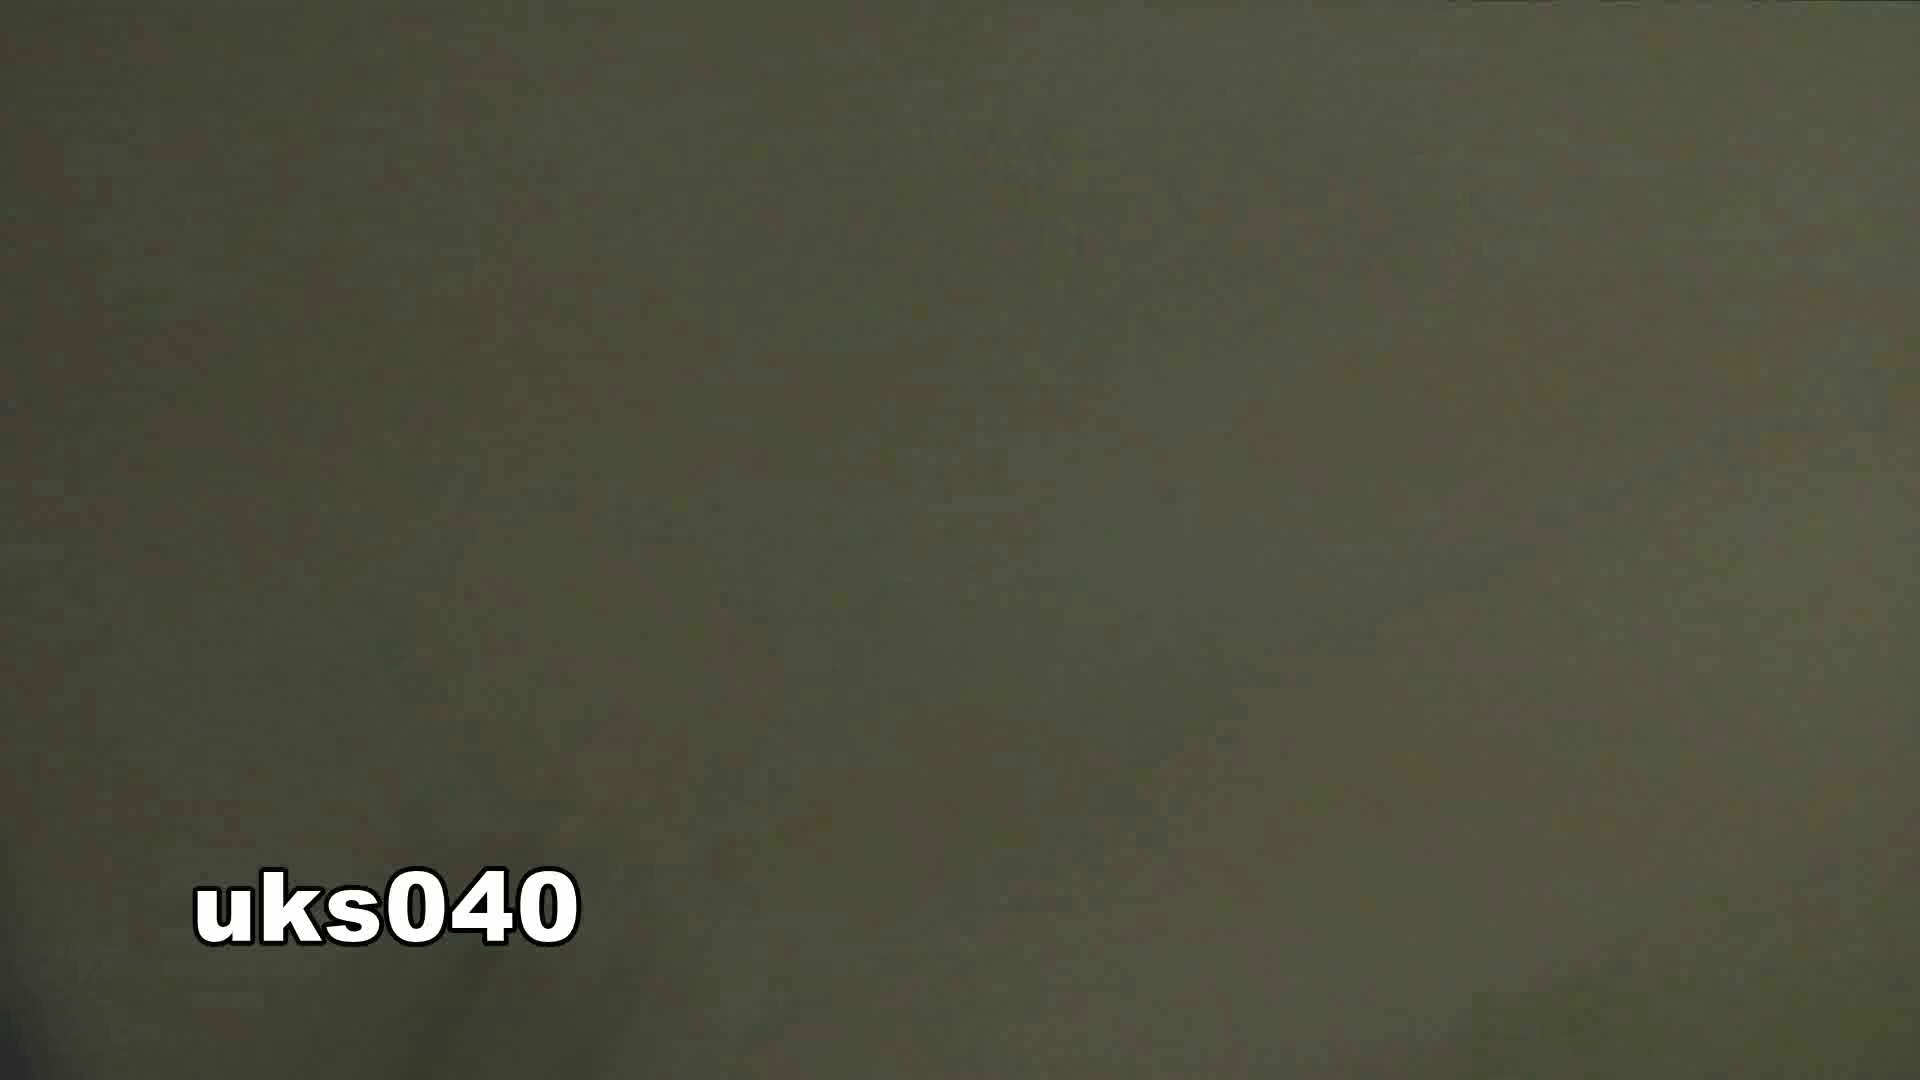 【美しき個室な世界】 vol.040 出て行かれる時の清楚姿撮り 高画質  88PIX 23